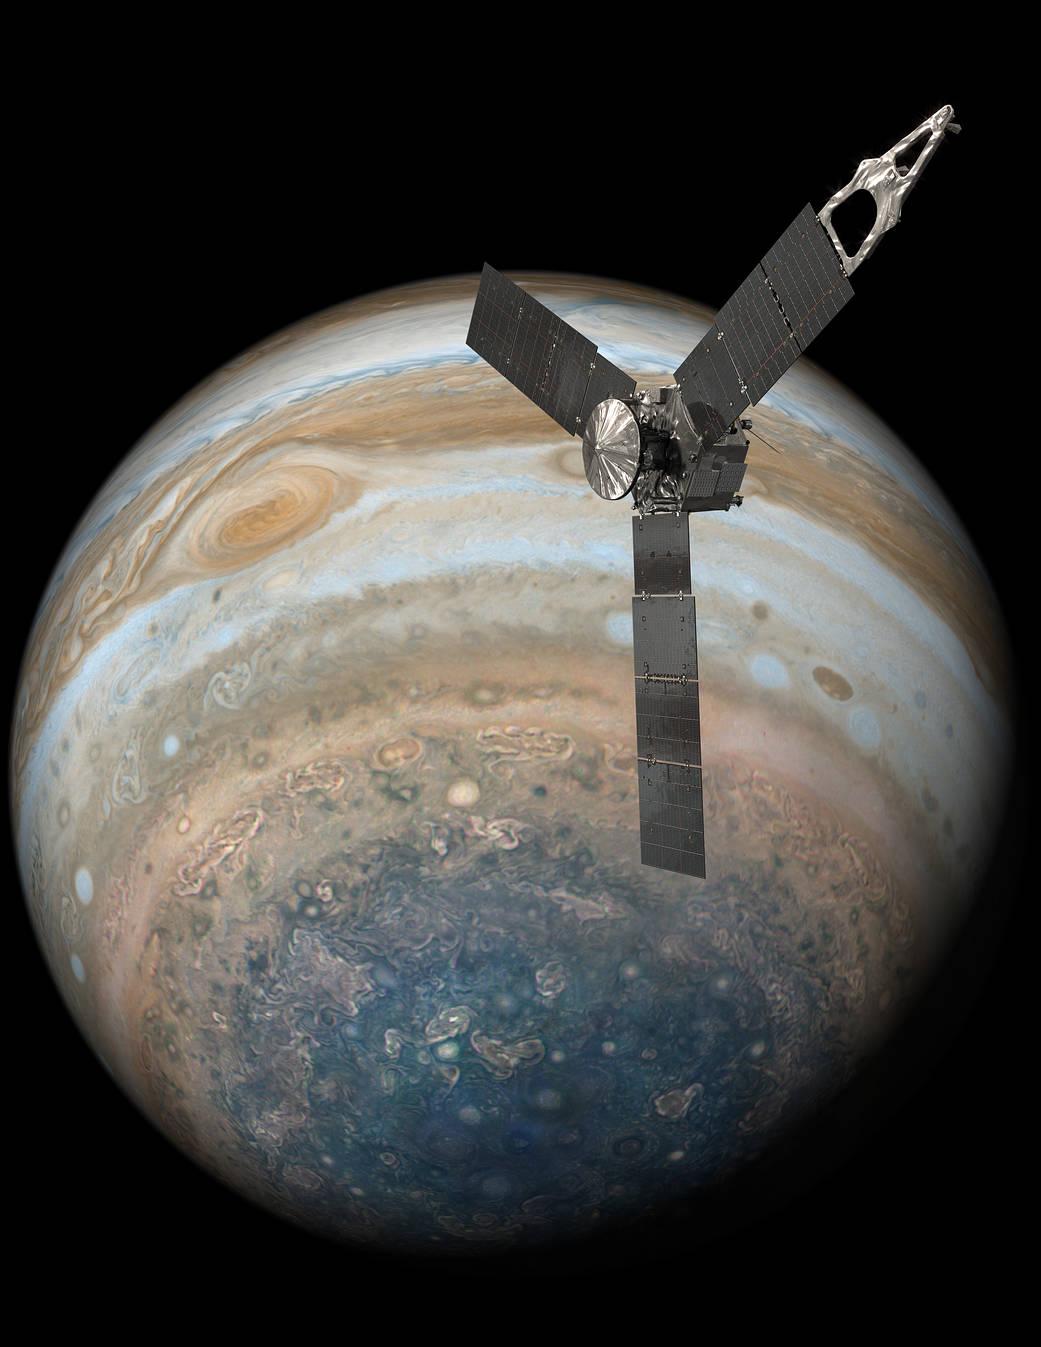 2017.08.04:木星の北極に巨大な嵐!